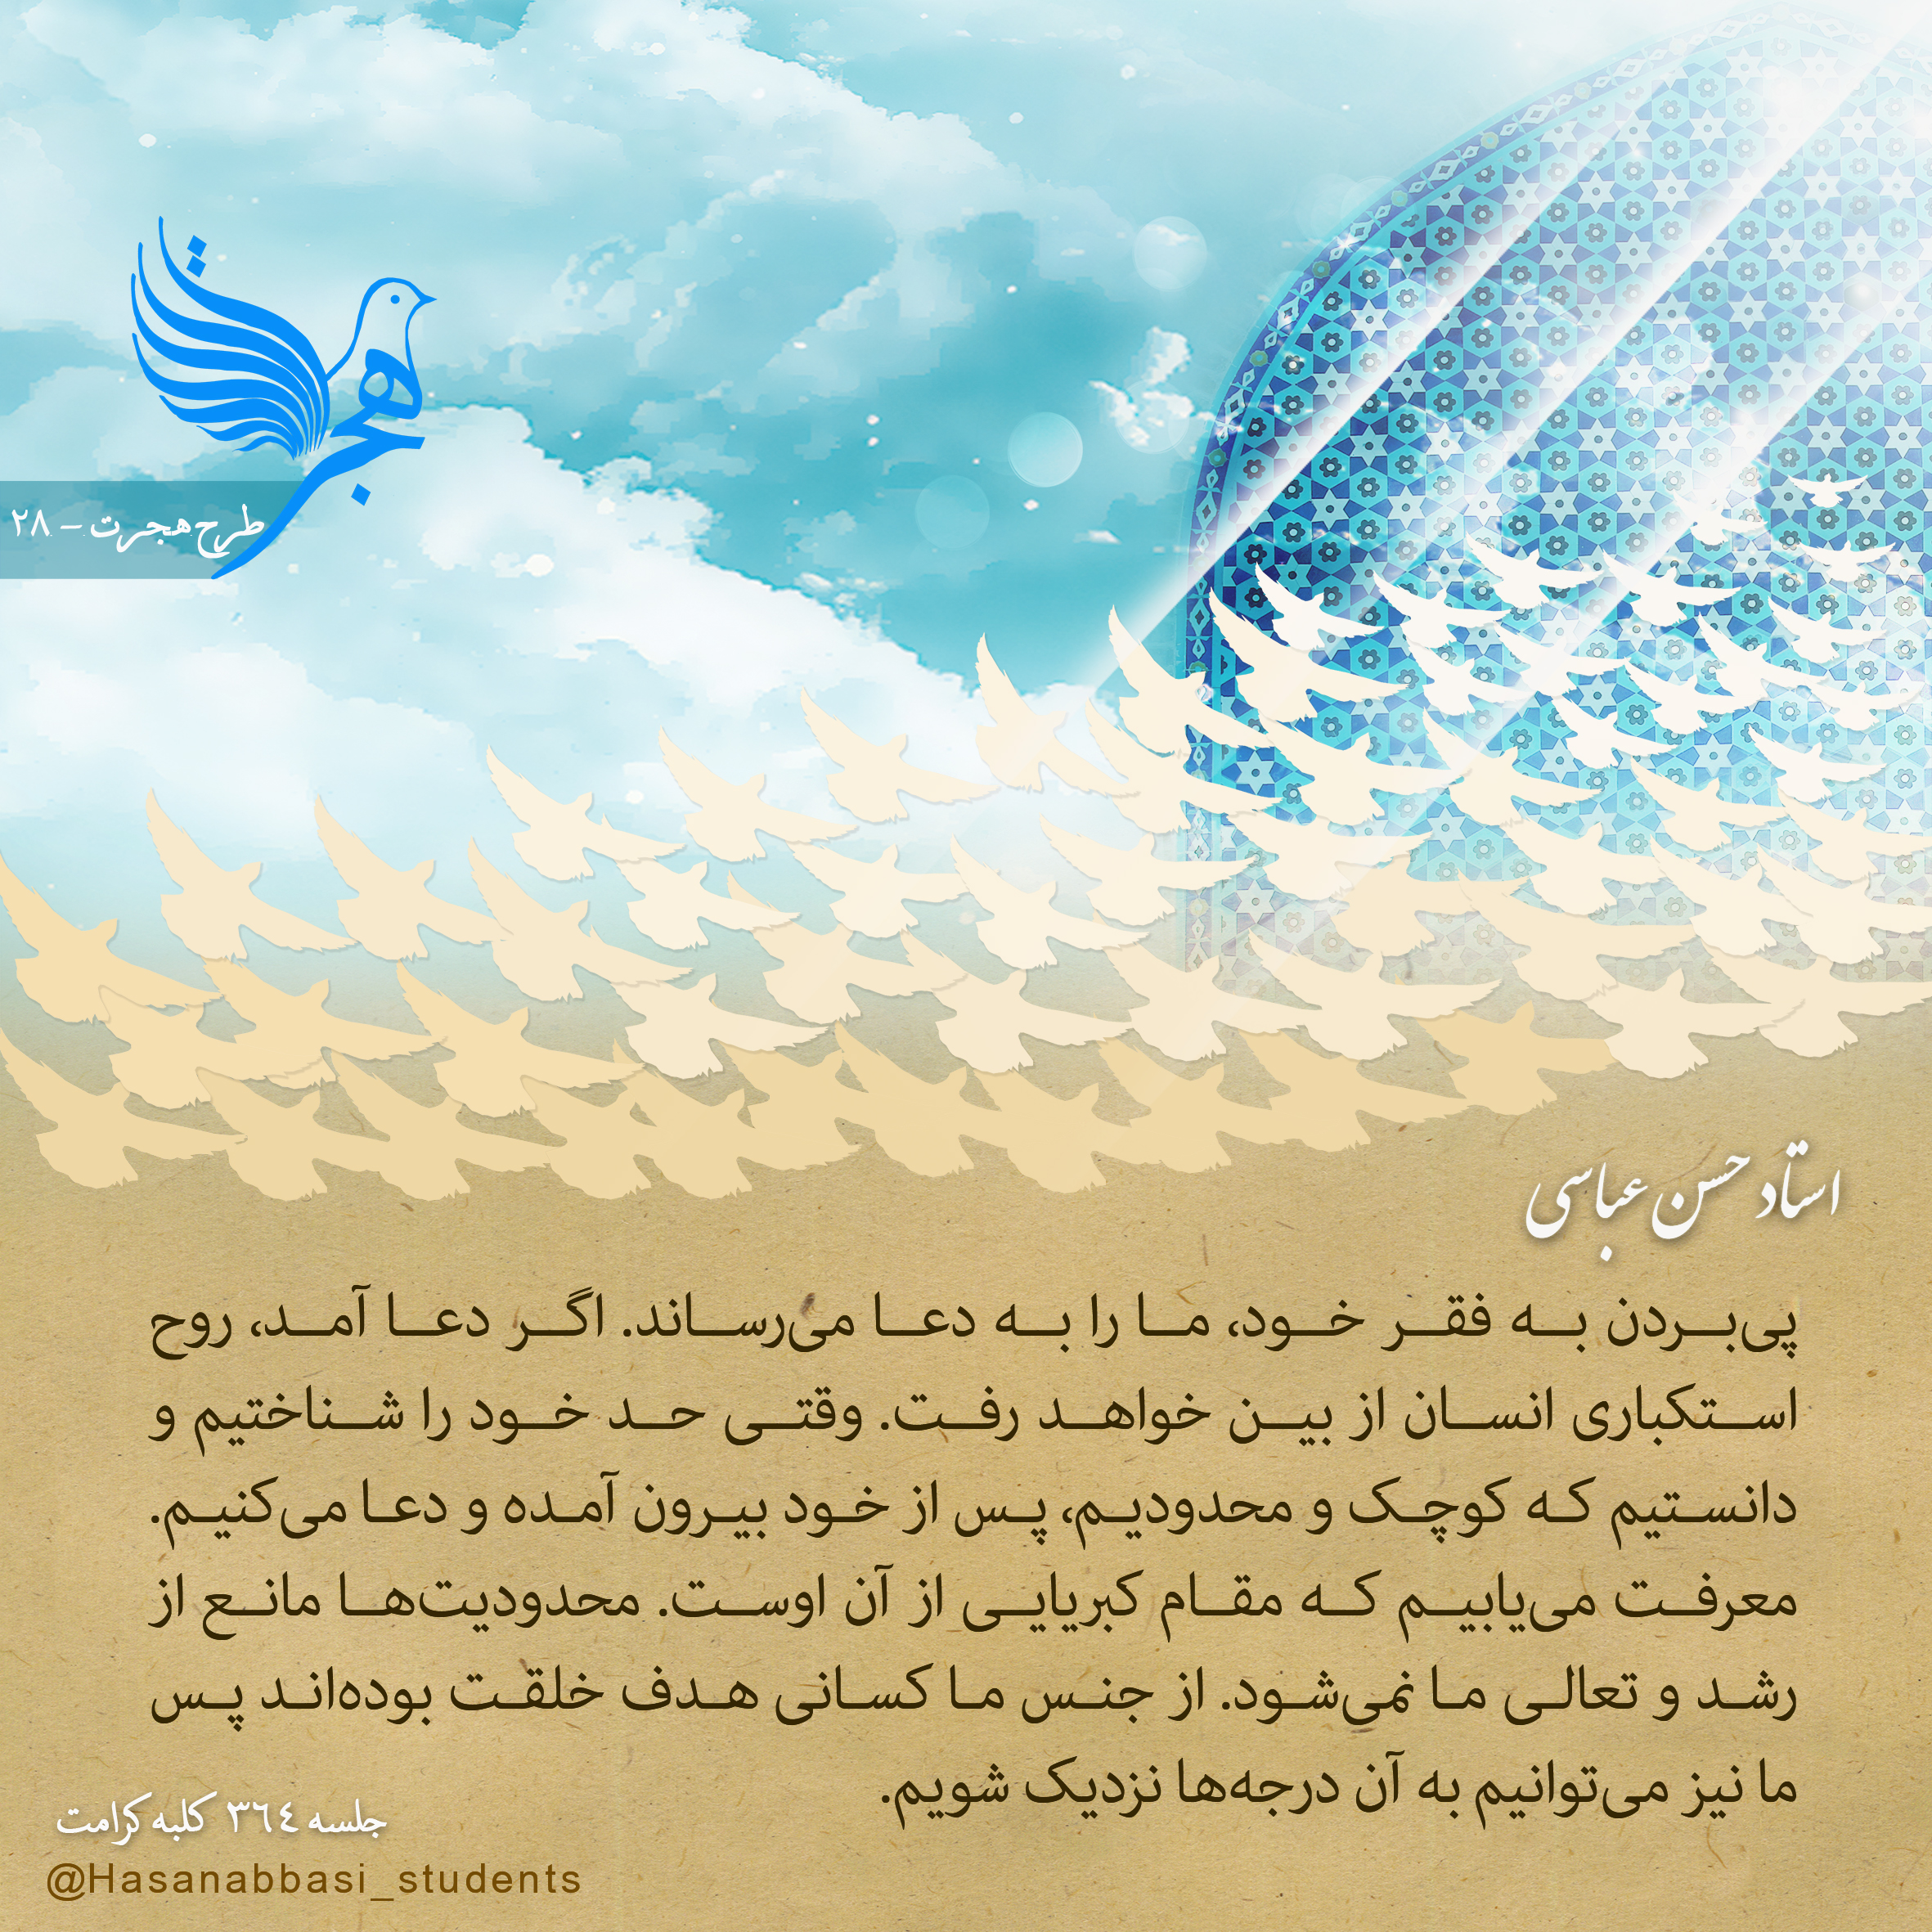 طرح هجرت ۲۸ - ...ادْعُونِی أَسْتَجِبْ لَکُمْ إِنَّ الَّذِینَ یَسْتَکْبِرُونَ عَنْ عِبَادَتِی سَیَدْخُلُونَ جَهَنَّمَ دَاخِرِین.